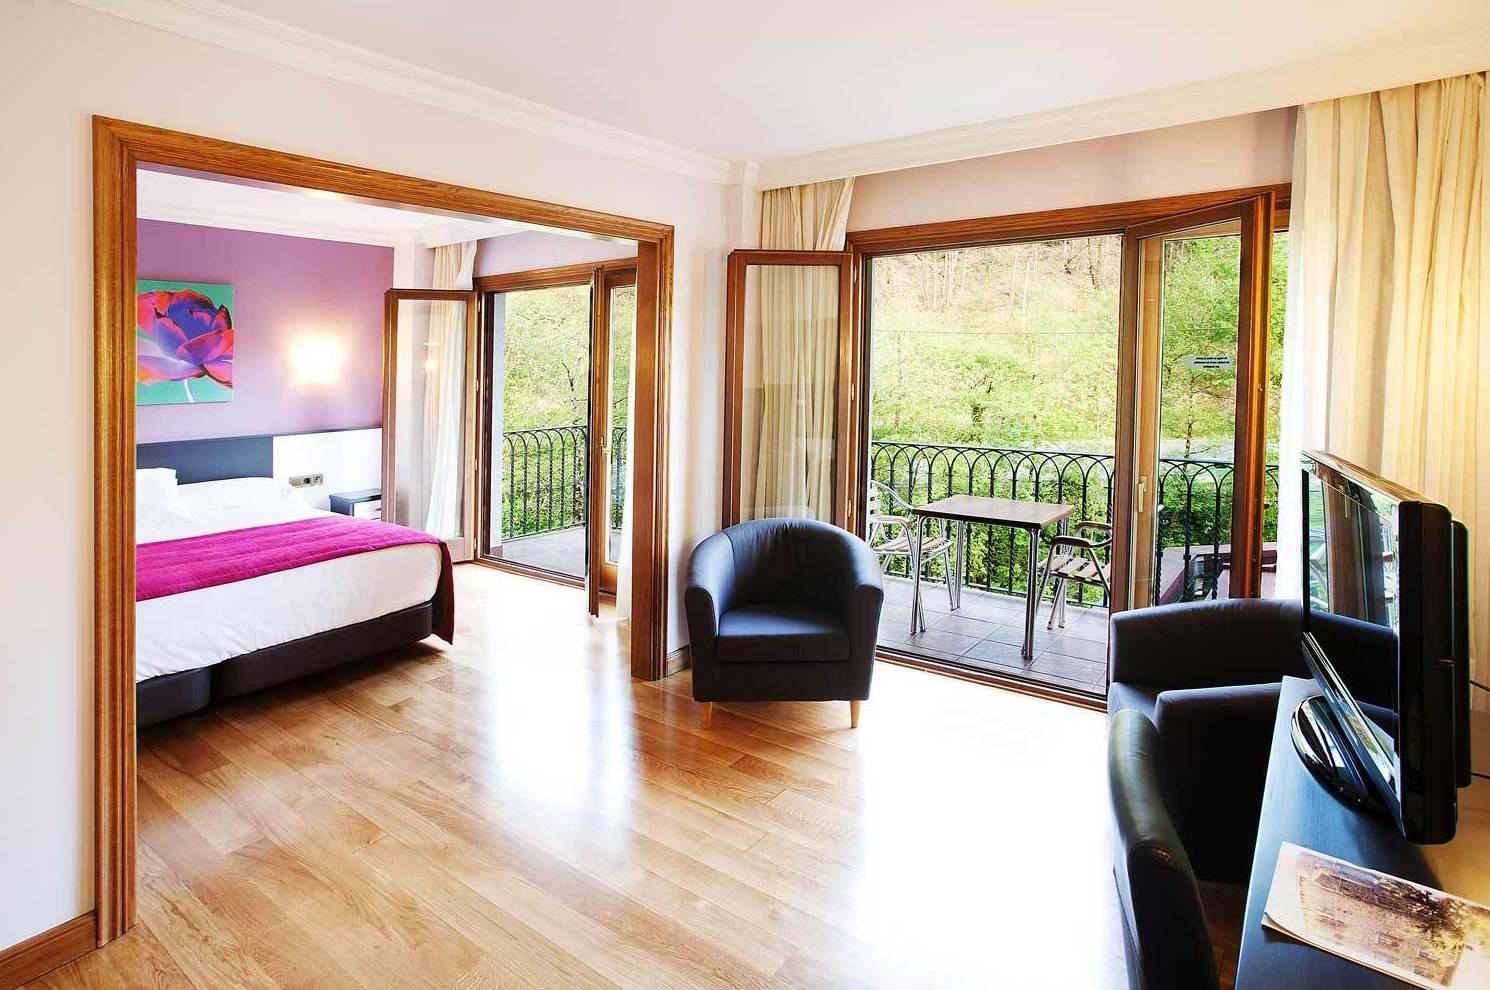 Foto 20 de Hoteles en Etxalar | Venta de Etxalar